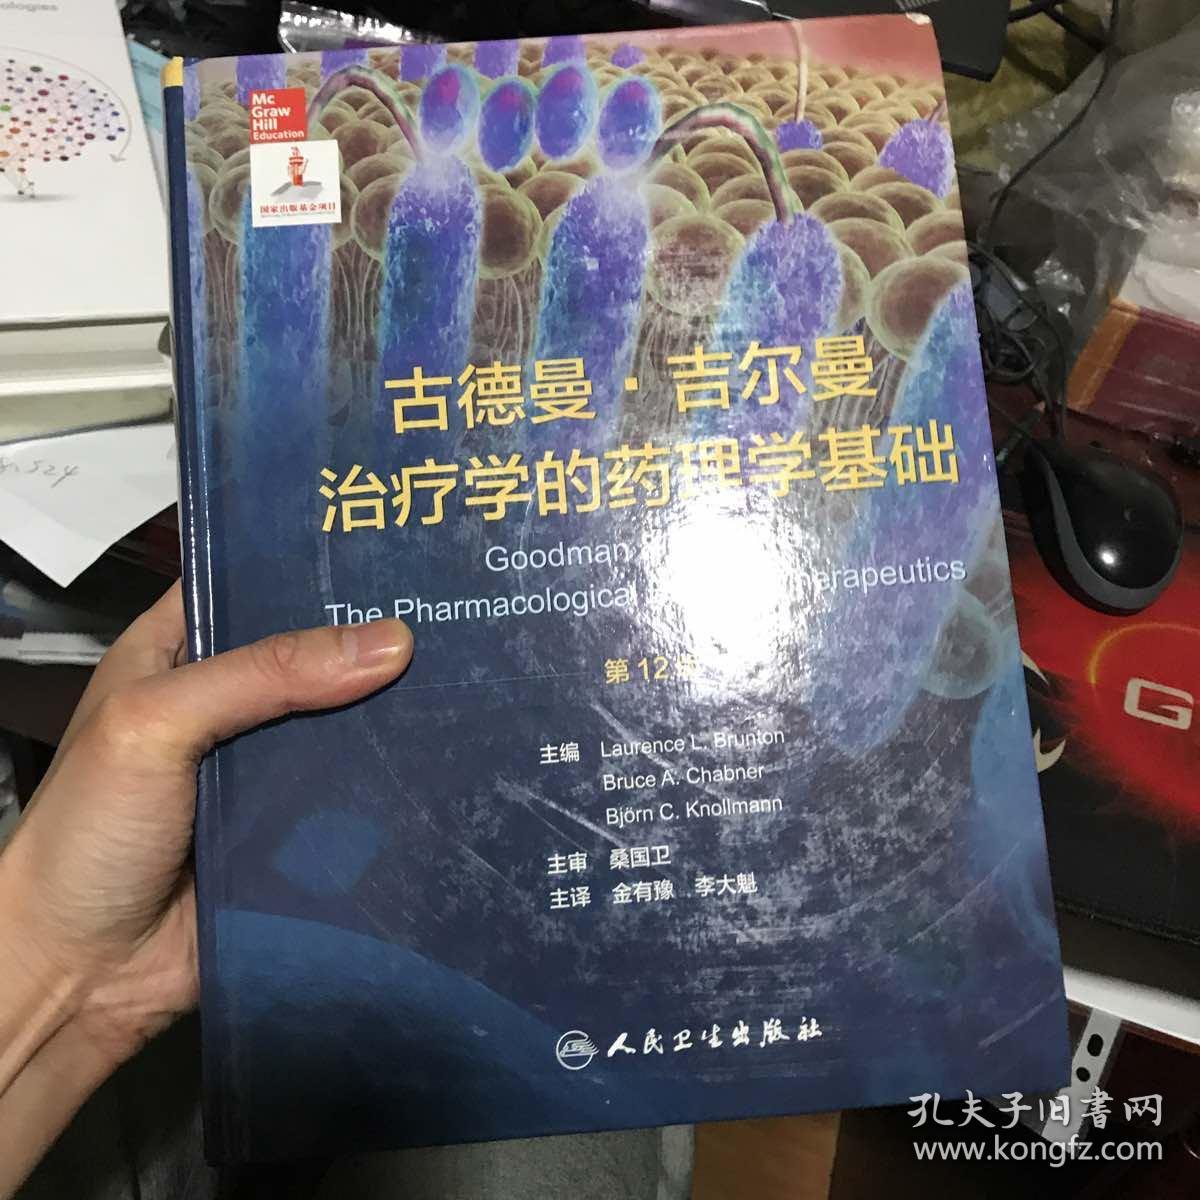 古德曼·吉尔曼治疗学的药理学基础/配盘